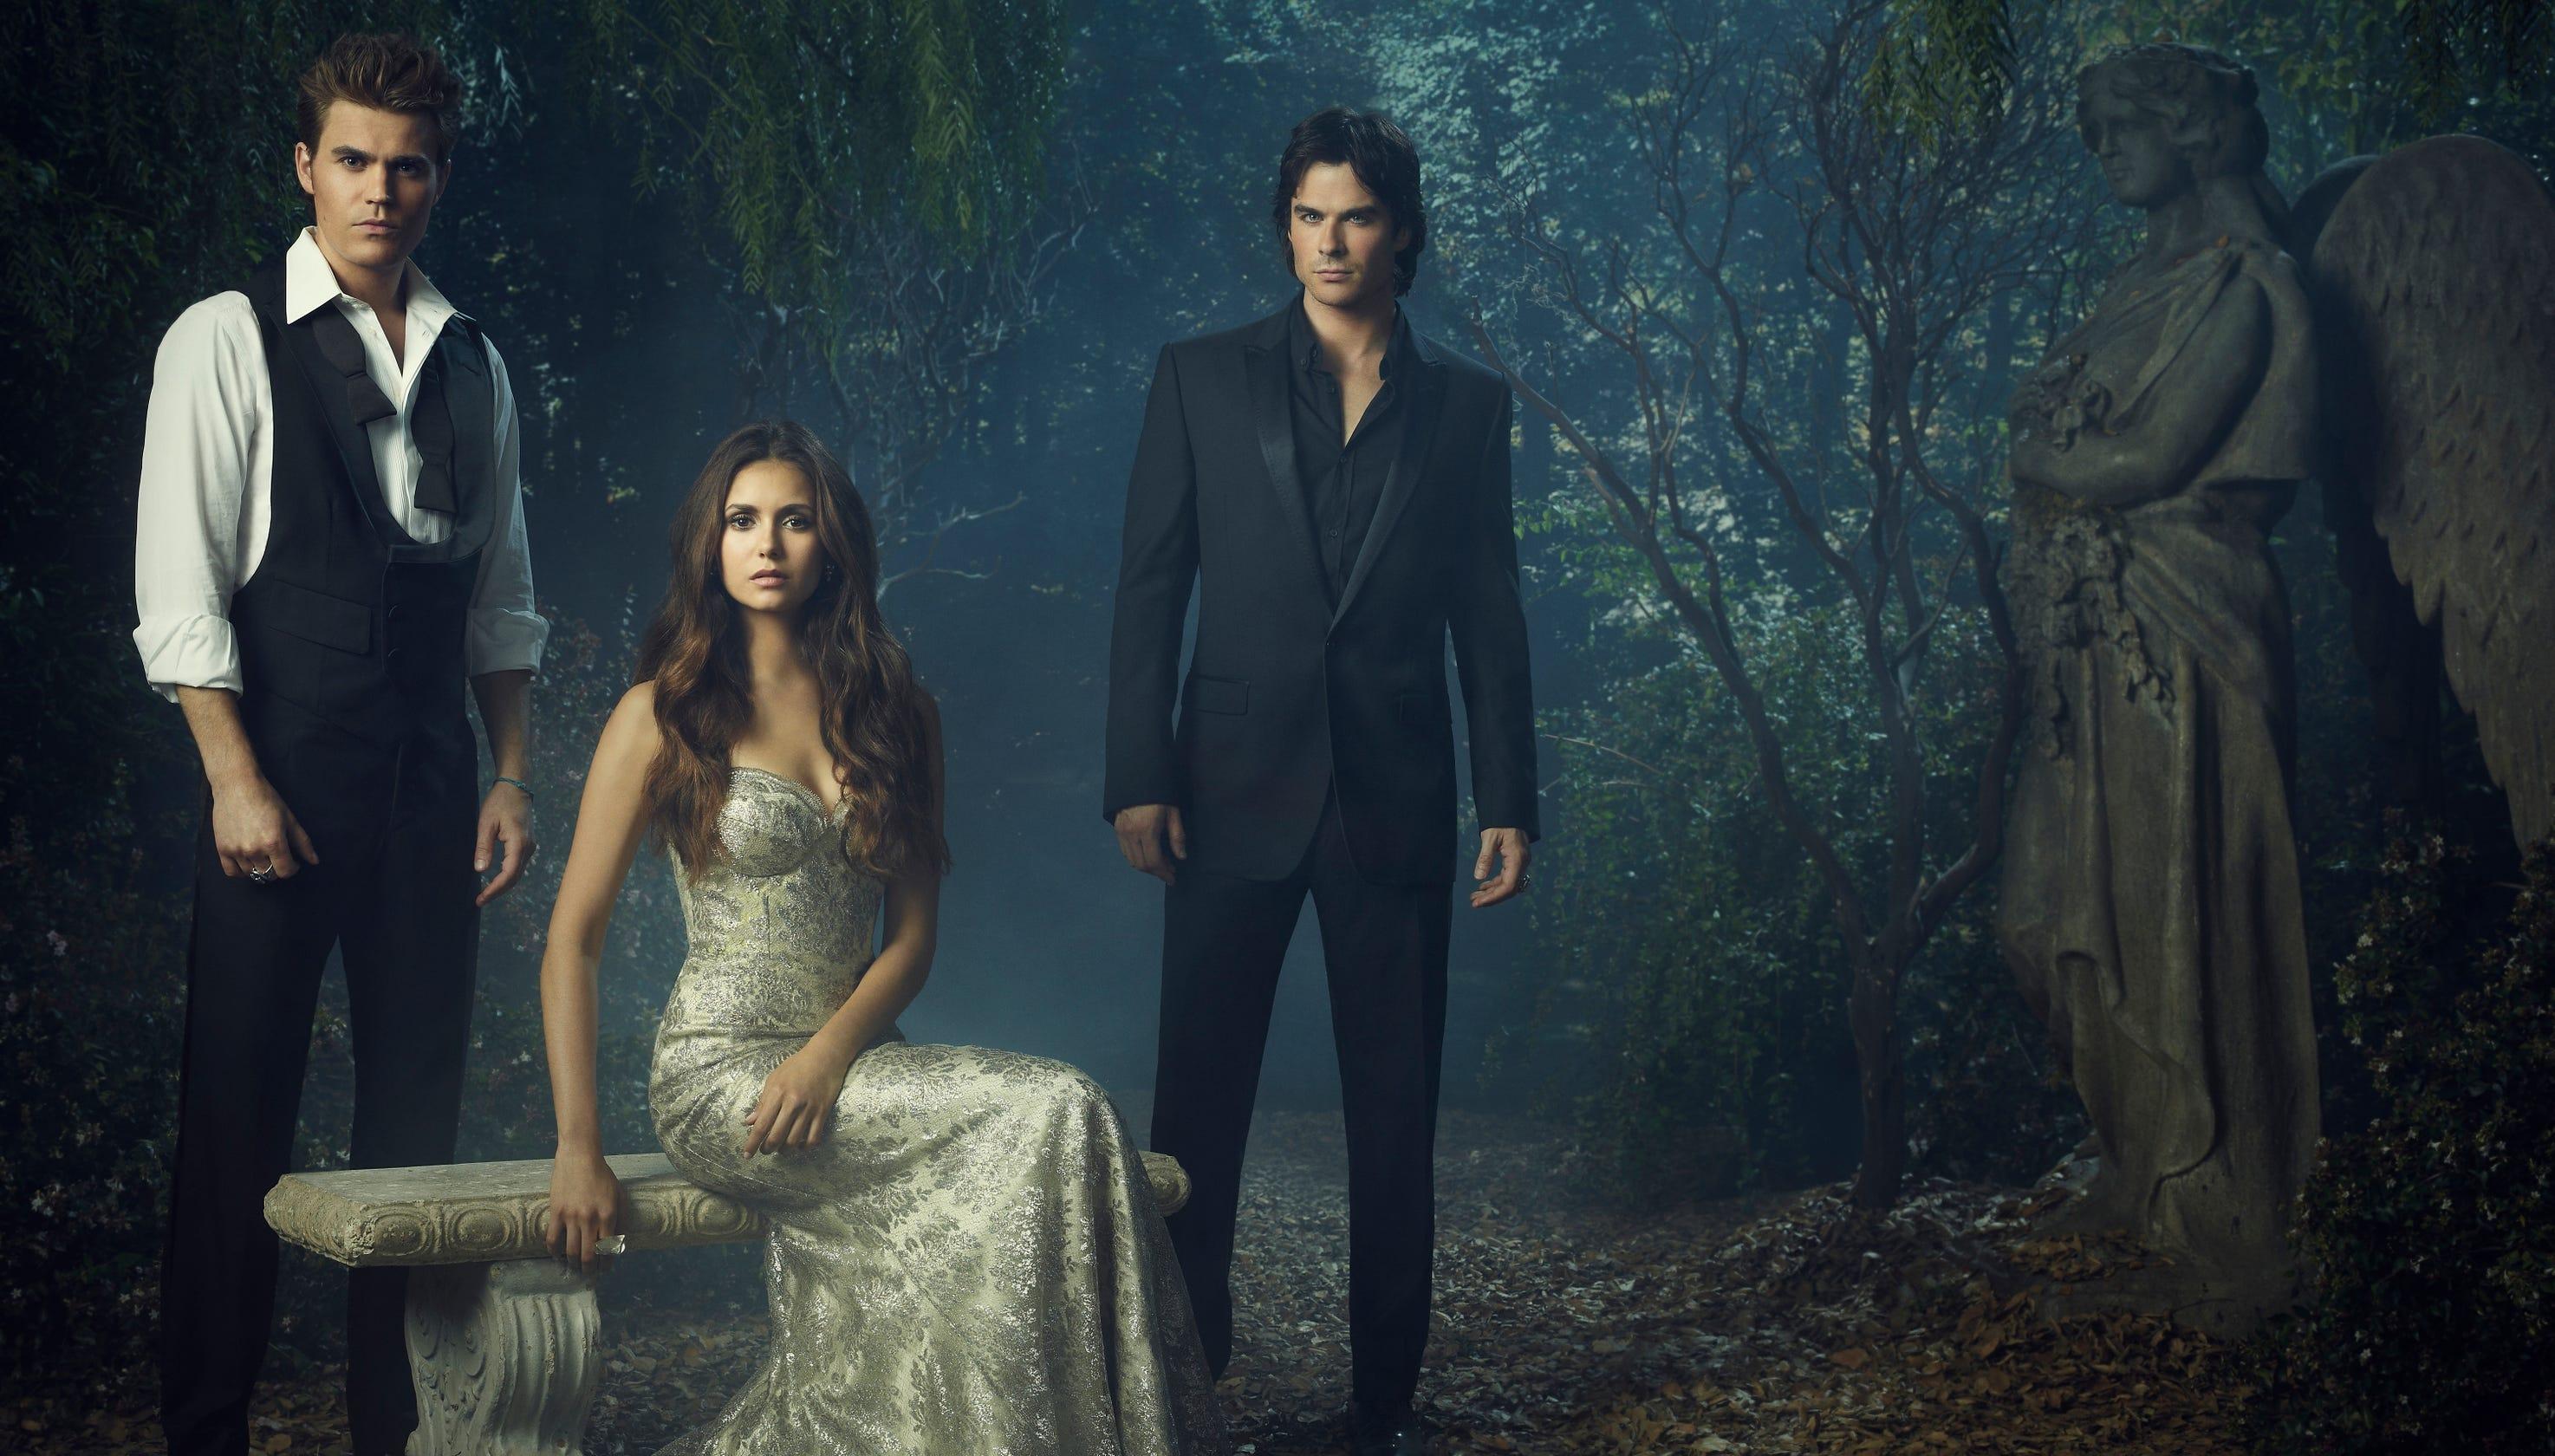 Vampire Diaries' star Nina Dobrev says she 'despised' Paul